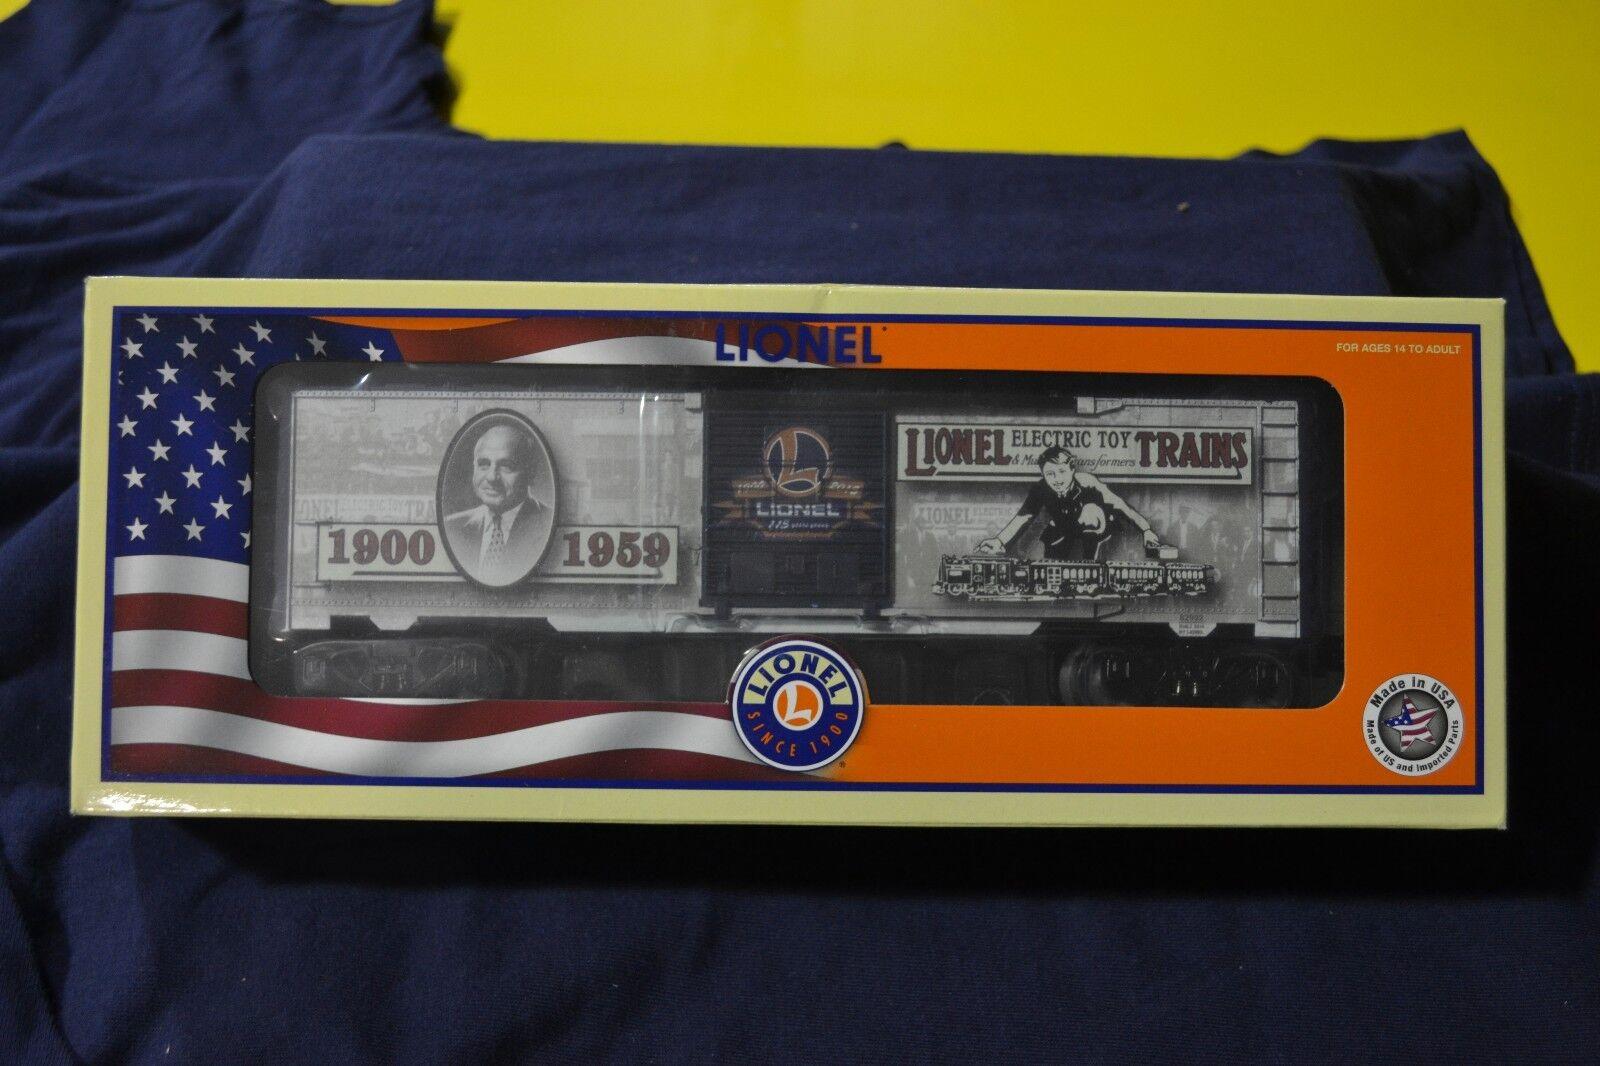 Lionel 6 -8292 Lionel 115 e årsdagen lådabil